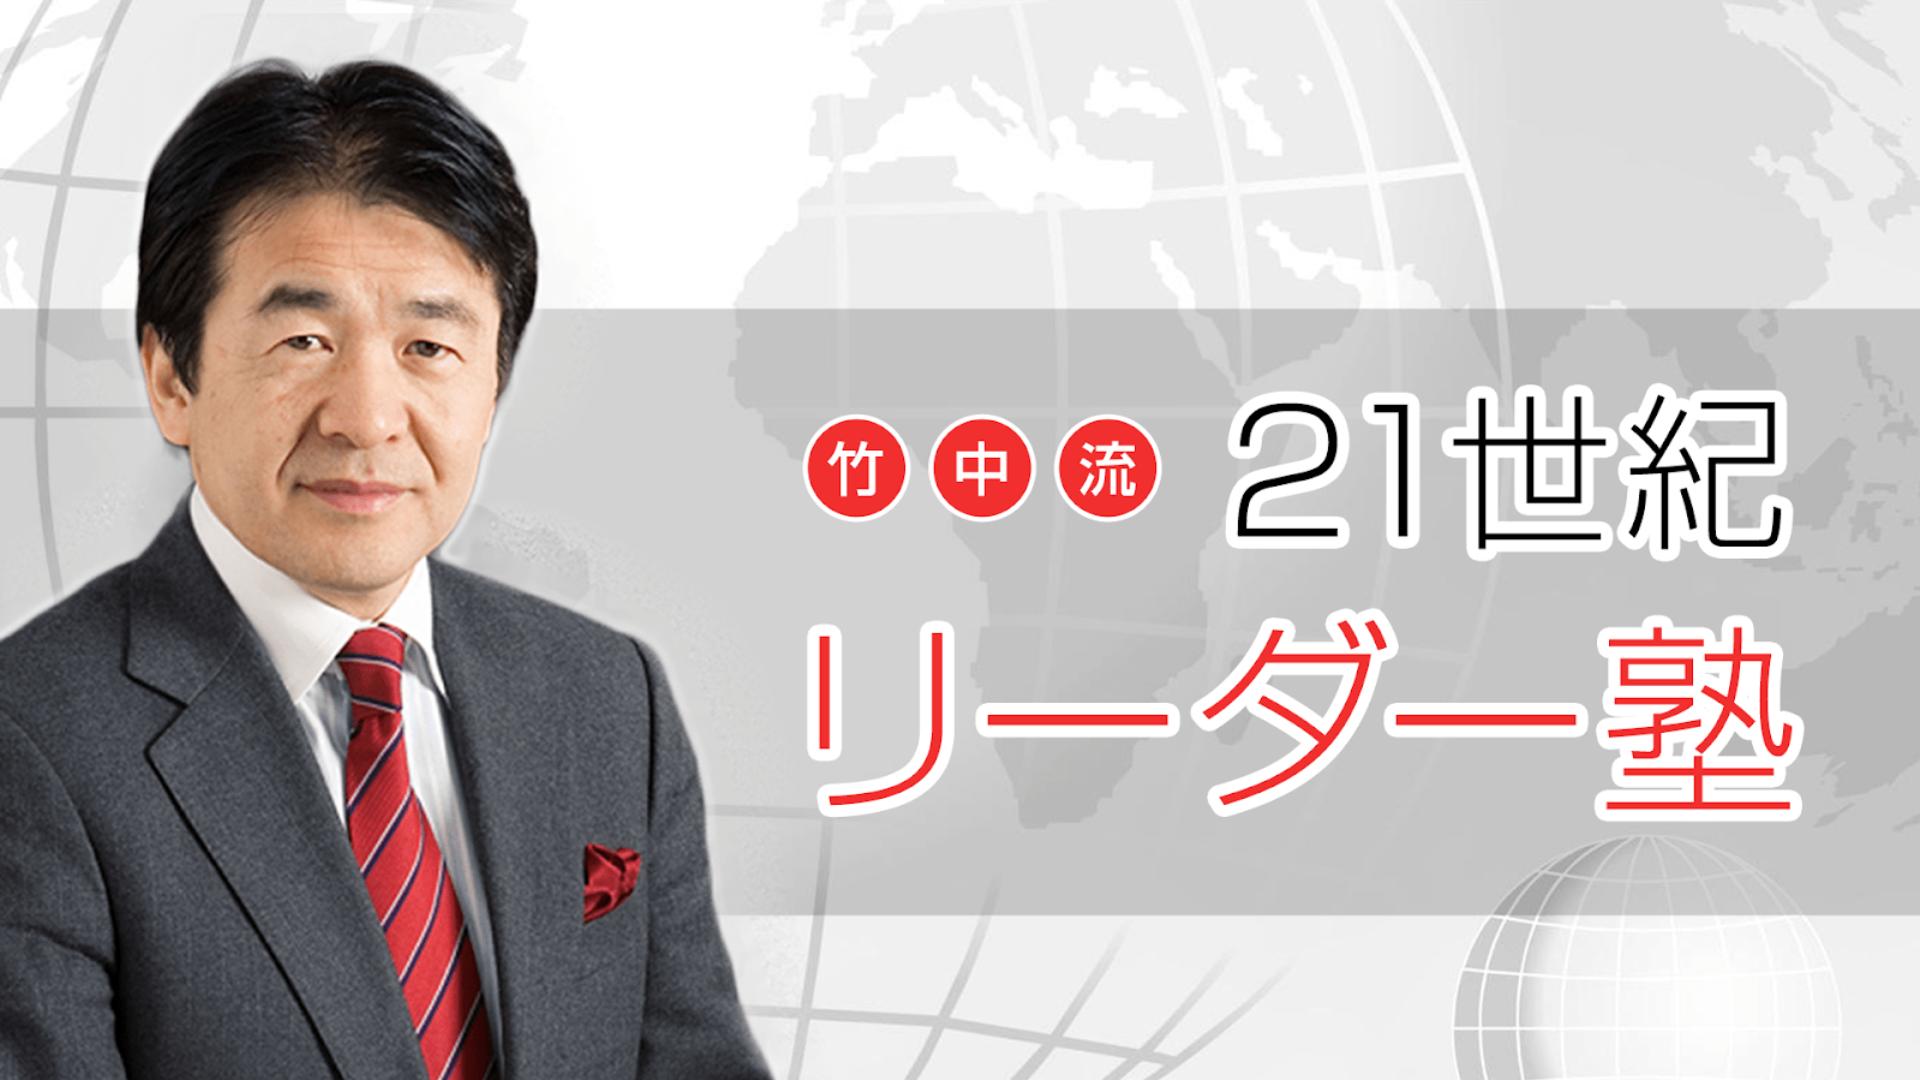 竹中 平蔵 - 竹中流21世紀リーダー塾 - DMM オンラインサロン